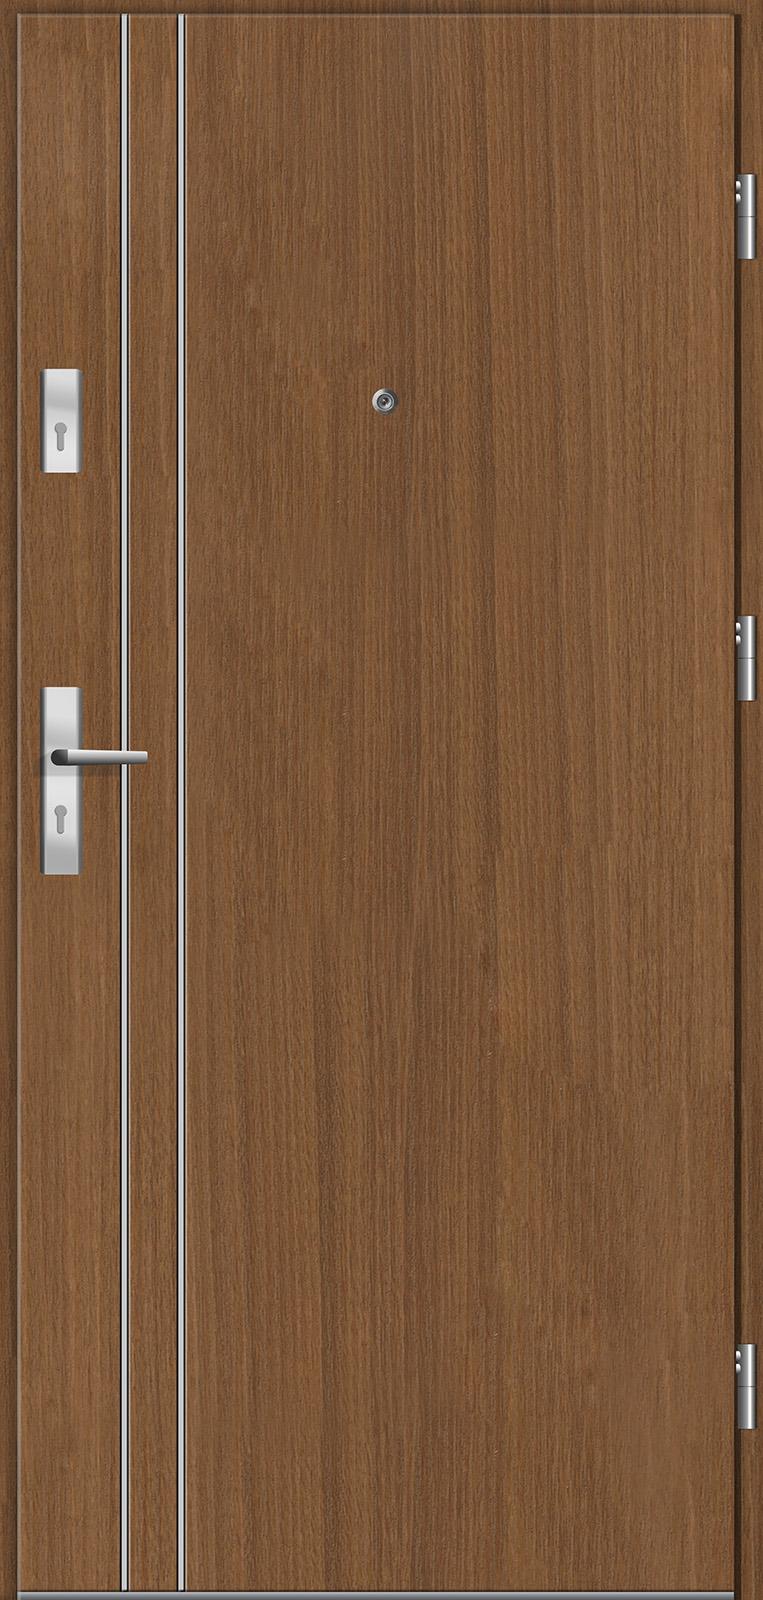 Drzwi wewnętrzne do mieszkań Otium 6 tuja